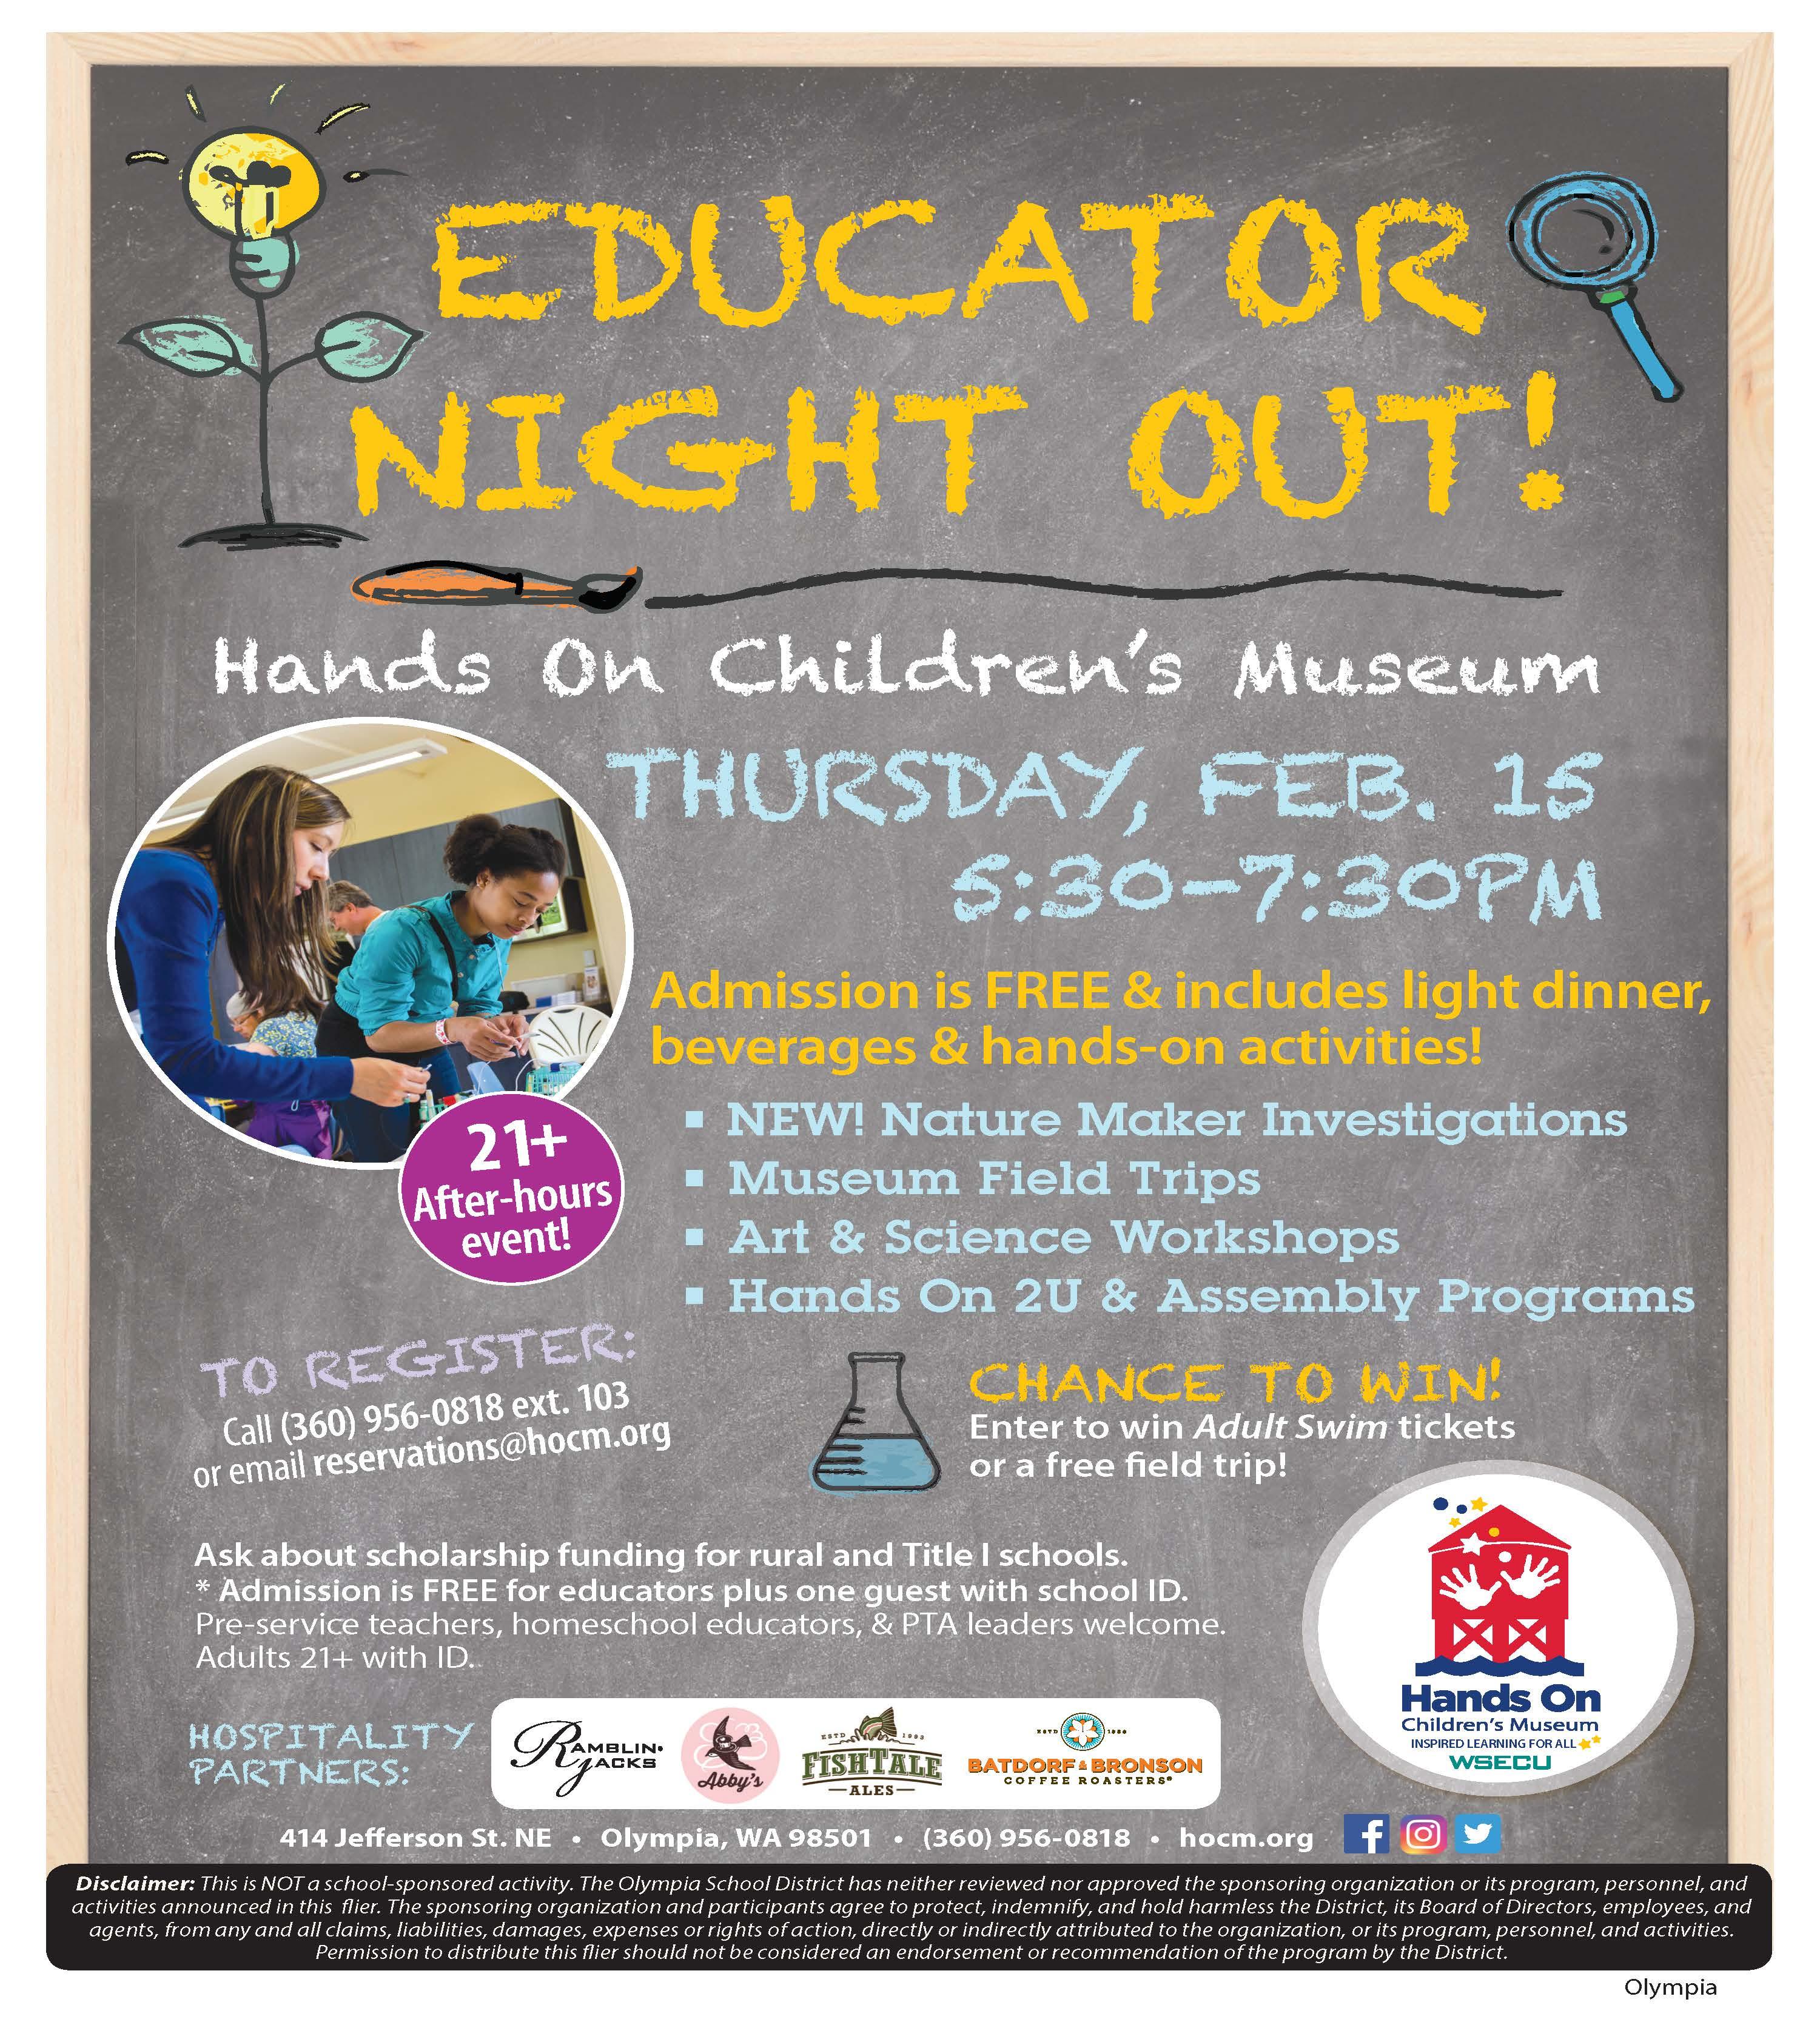 hands on children s museum invites educators to explore museum